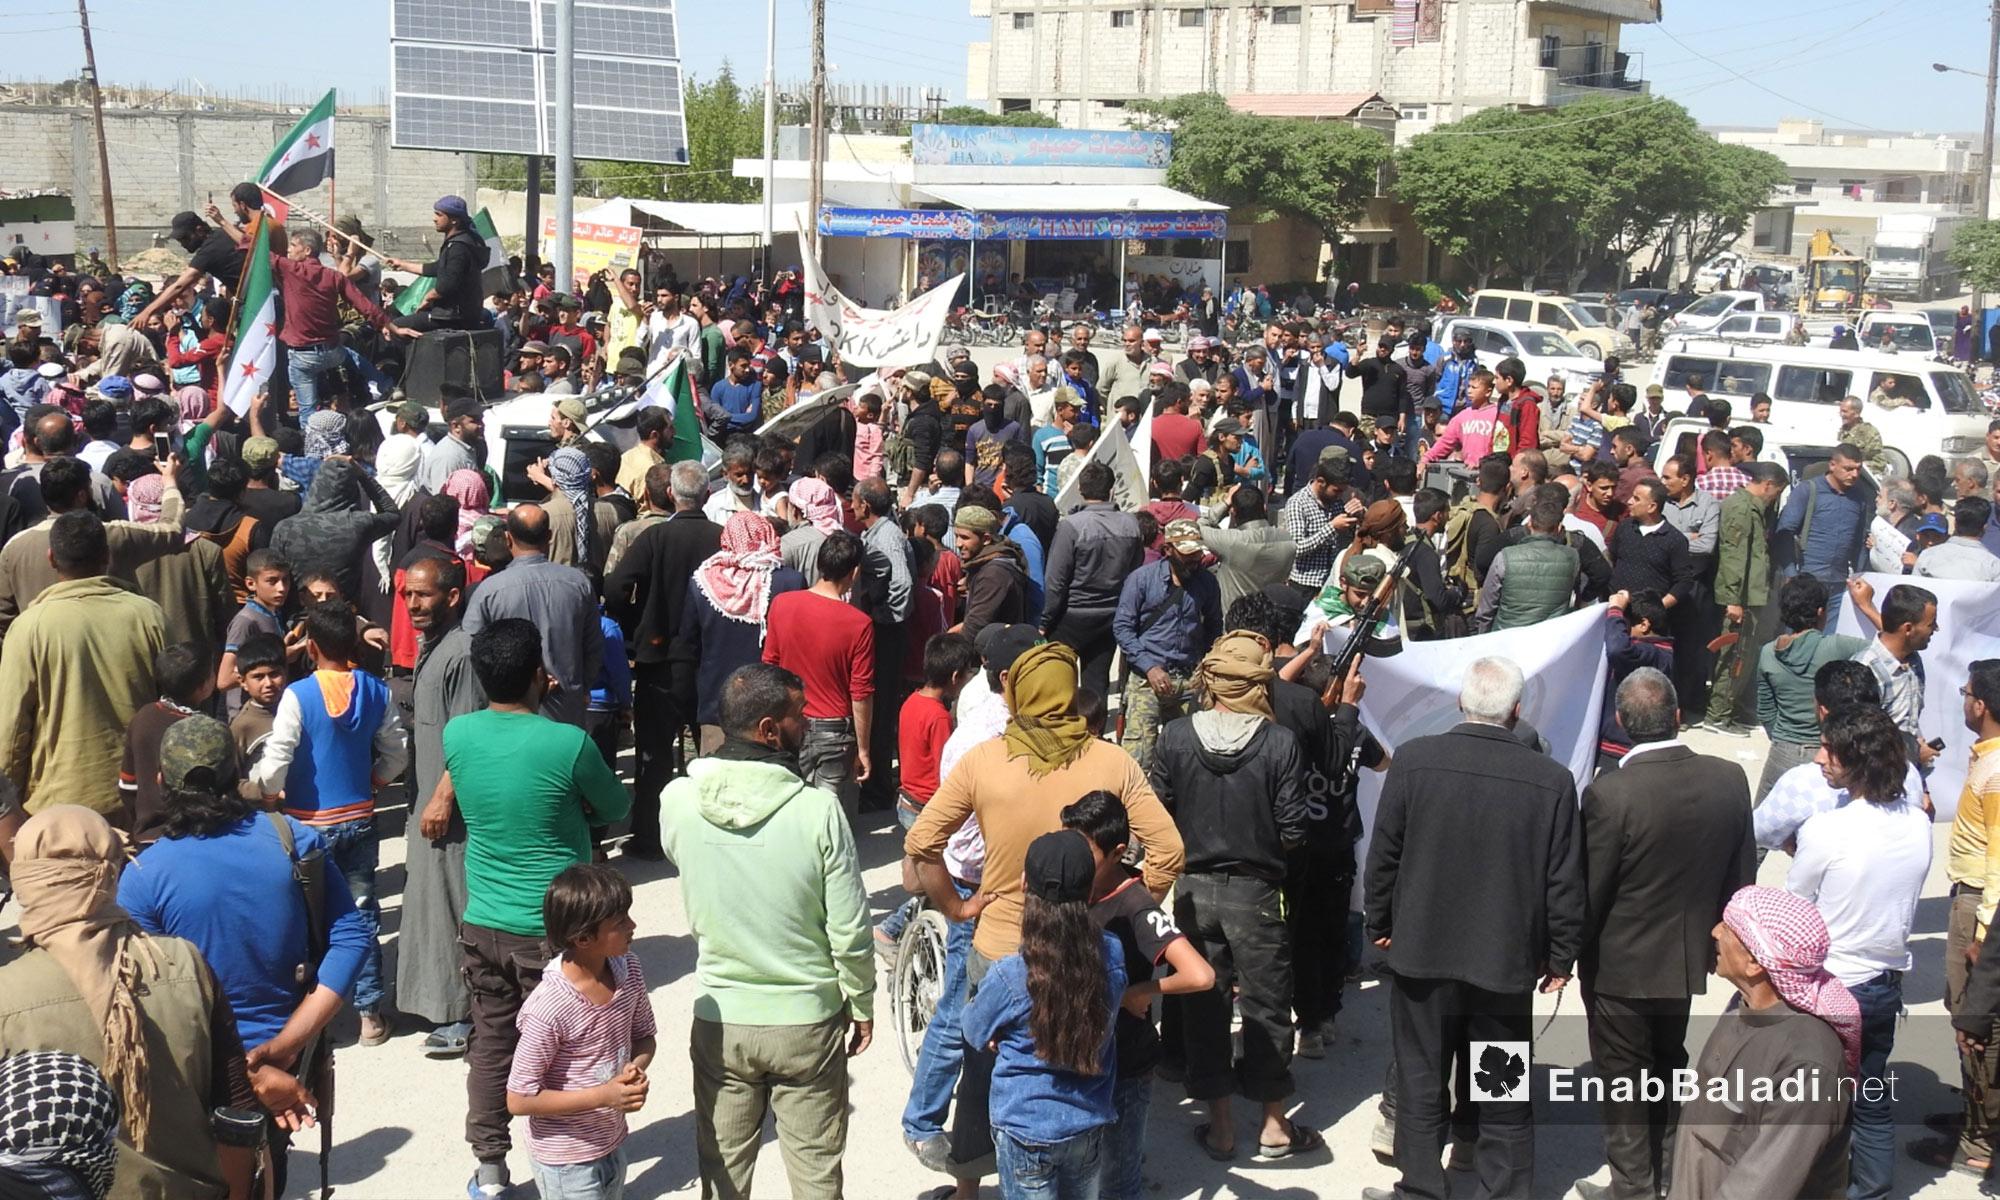 مظاهرات جابت جرابلس تطالب بالتحرك نحو شرق الفرات - 6 من نيسان 2018 (عنب بلدي)